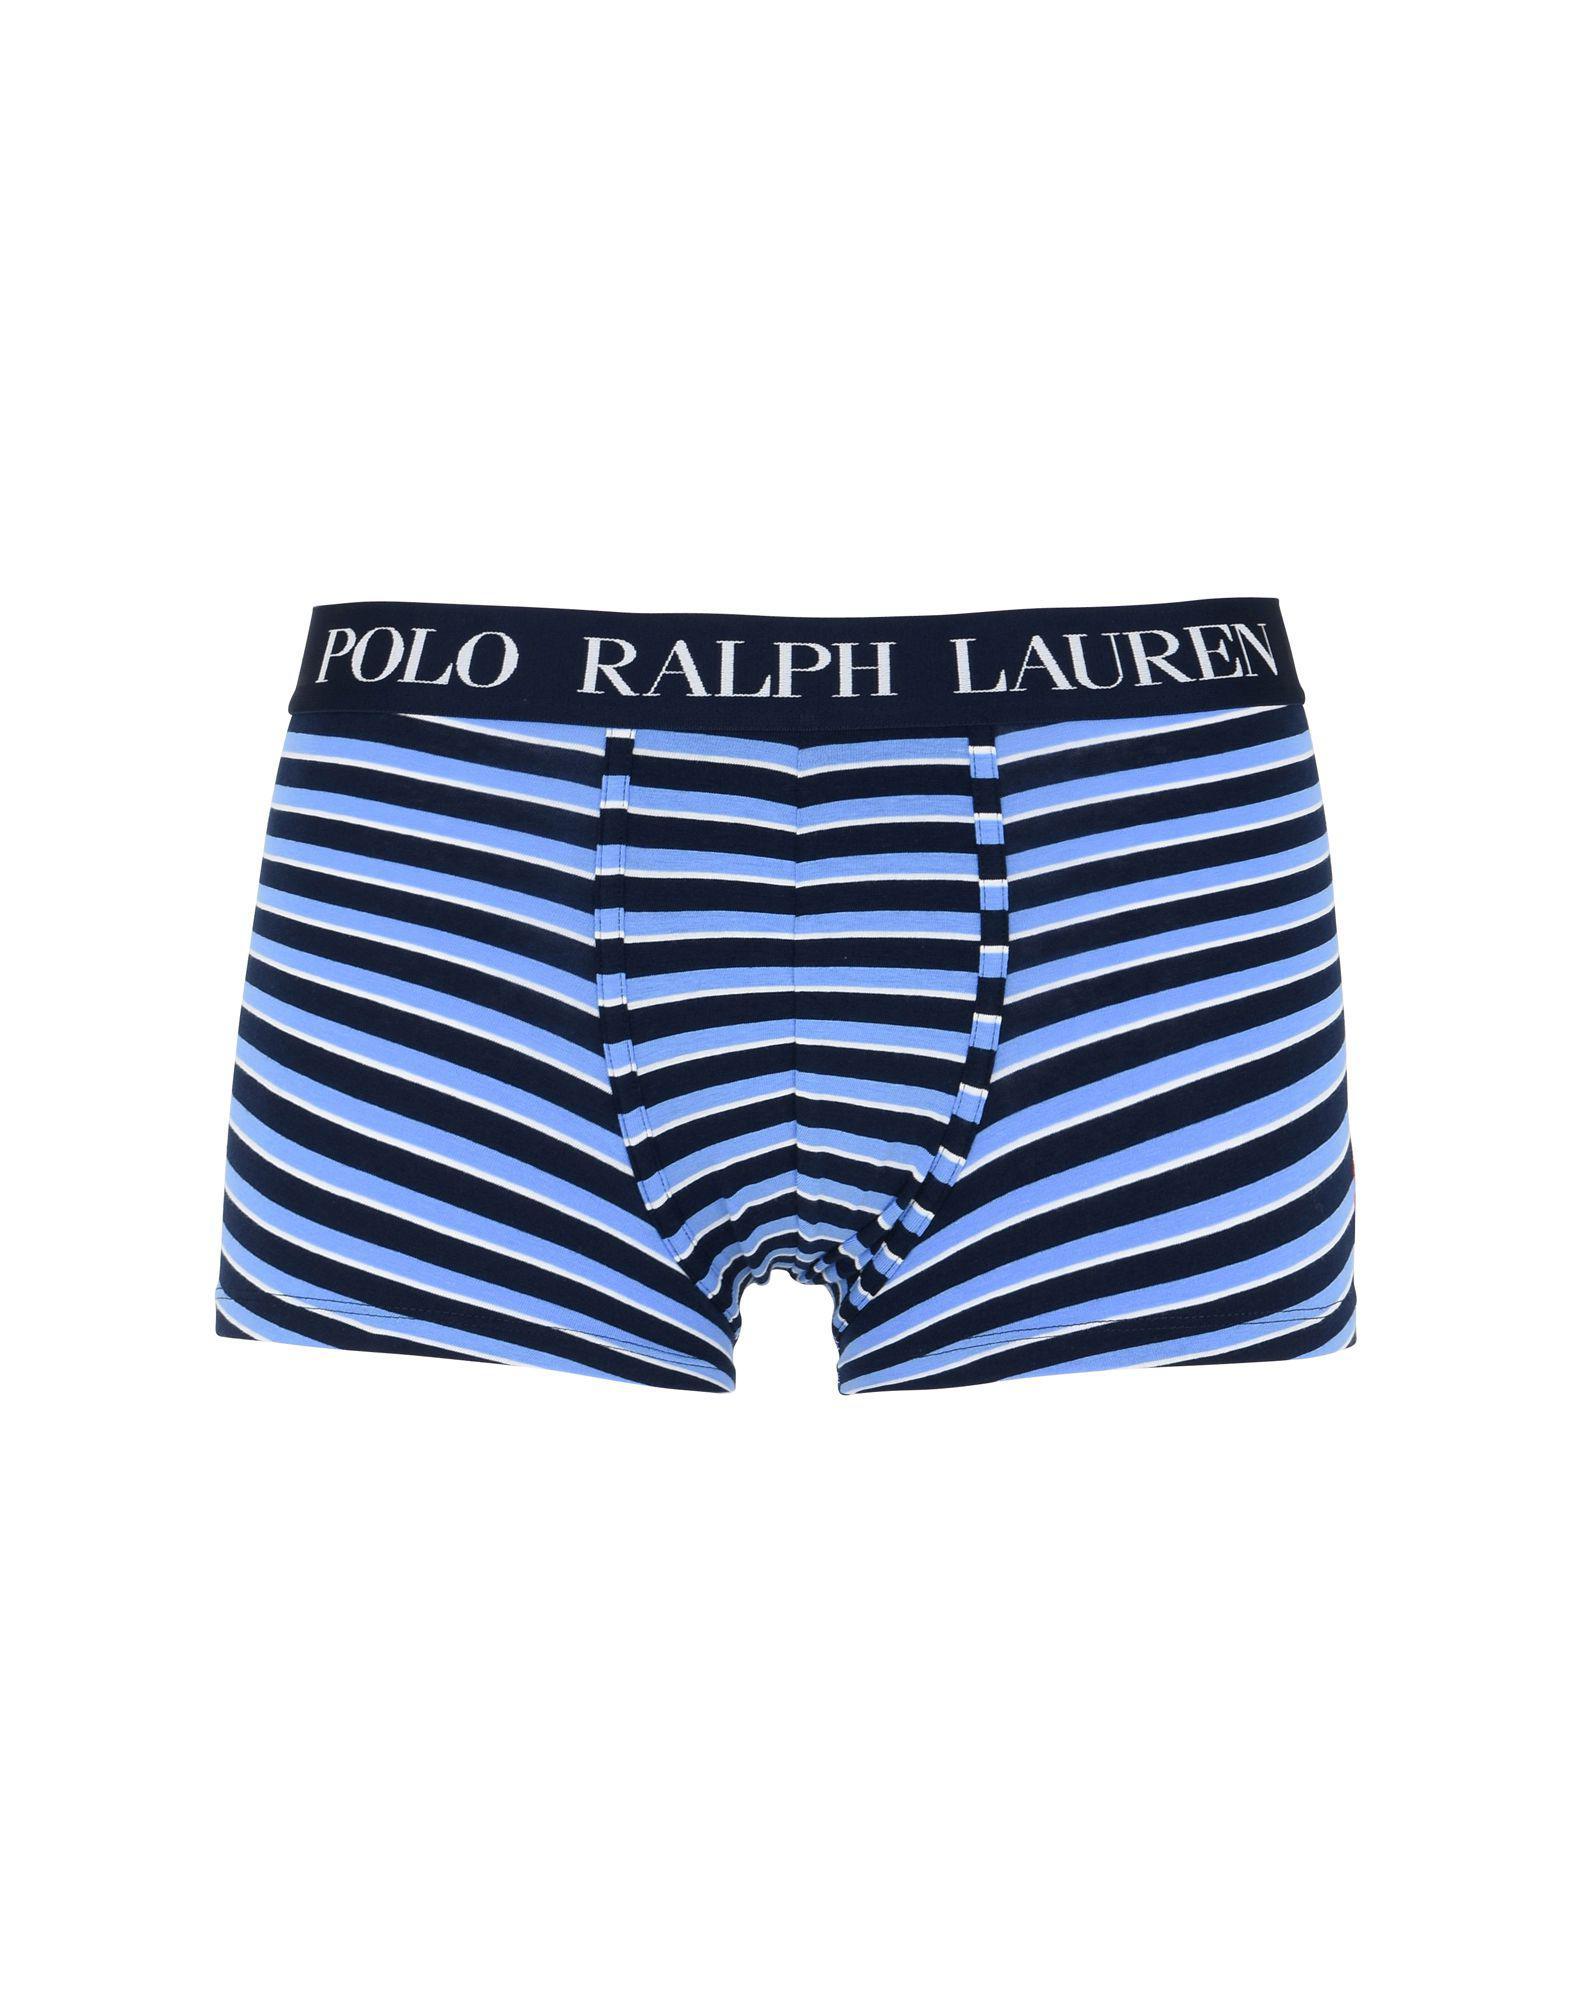 Polo Ralph Lauren - Blue Caleçon for Men - Lyst. Afficher en plein écran 489ac6e13a0